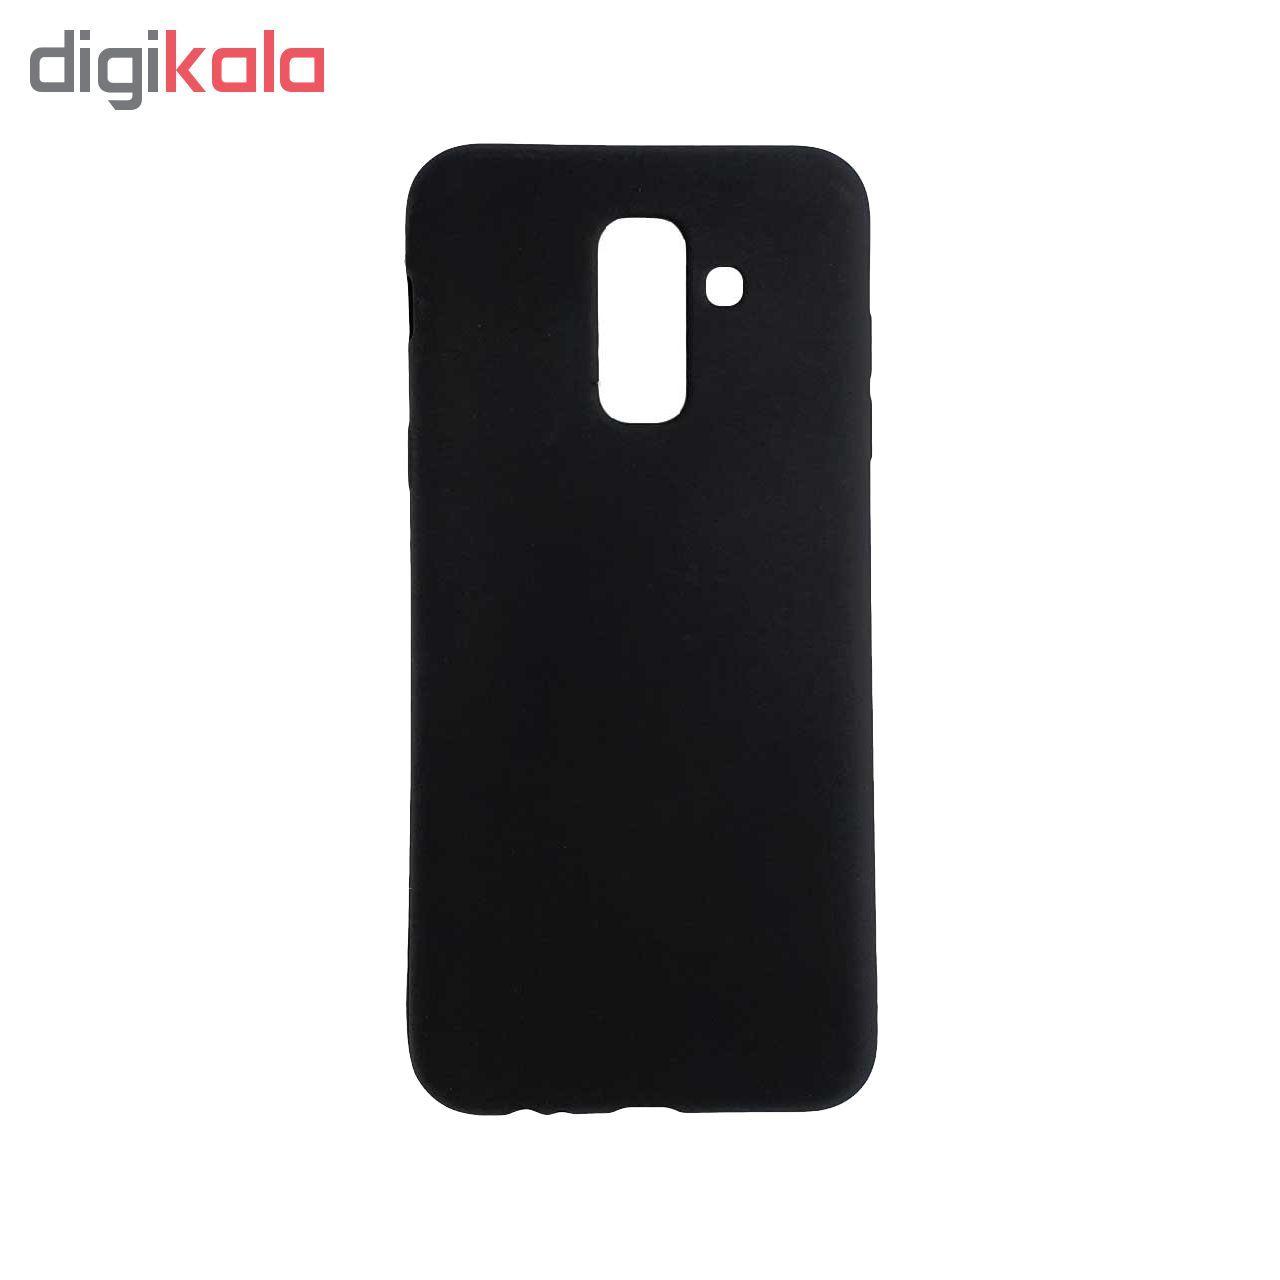 کاور ایبیزا مدل remx-45 مناسب برای گوشی موبایل سامسونگ Galaxy A6 plus 2018 main 1 2